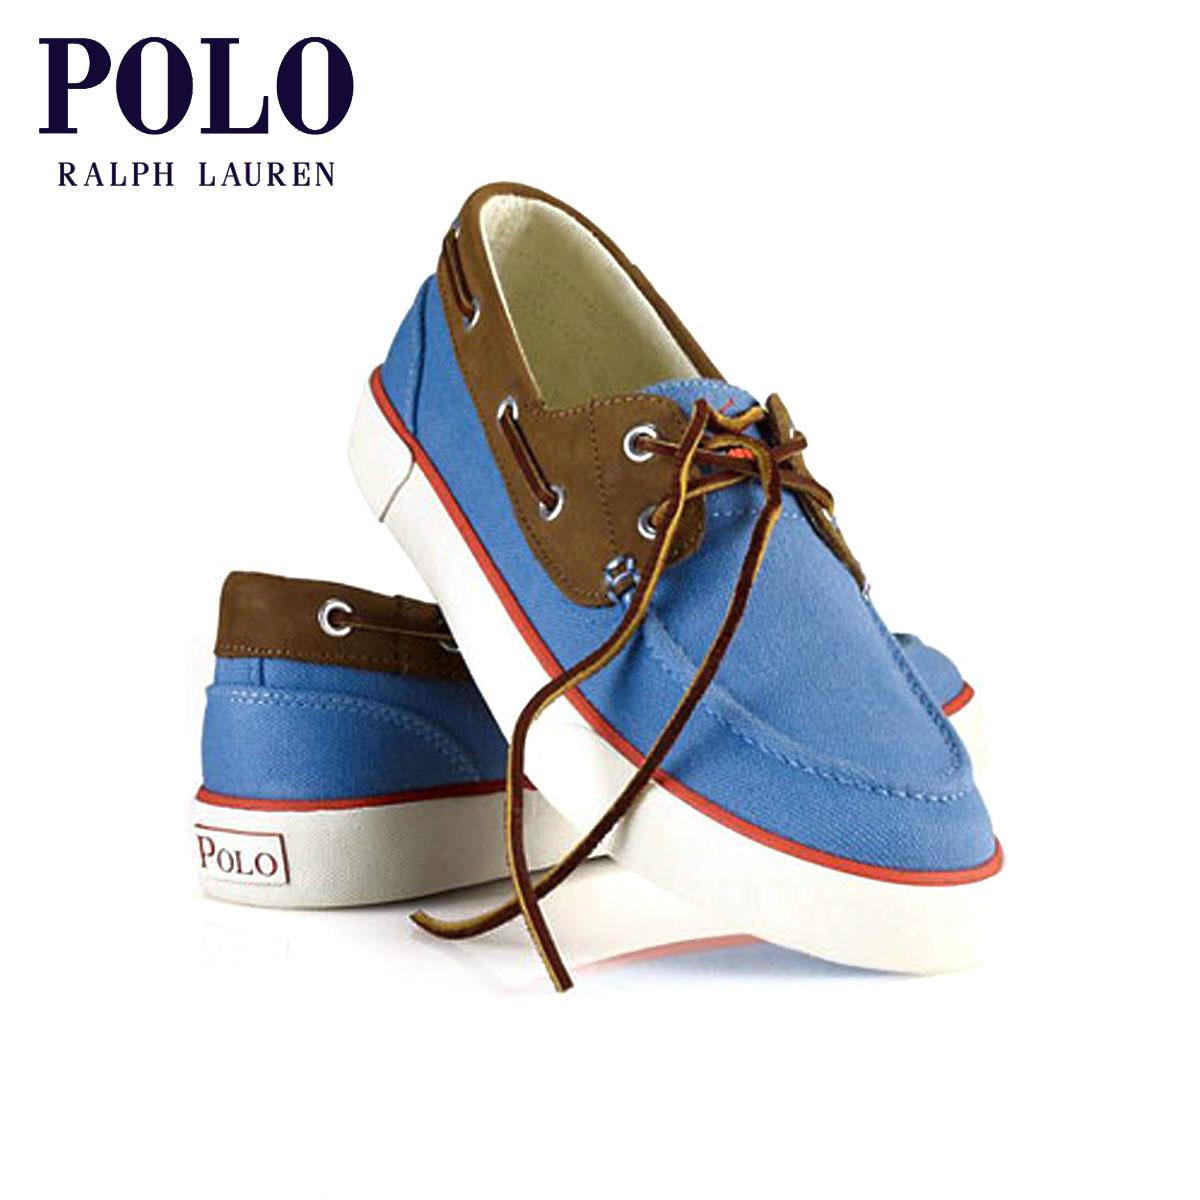 【販売期間 5/4 10:00~5/7 09:59】 ポロ ラルフローレン POLO RALPH LAUREN 正規品 メンズ キャンパスデッキシューズ Rylander Canvas Boat Shoe BLUE D20S30